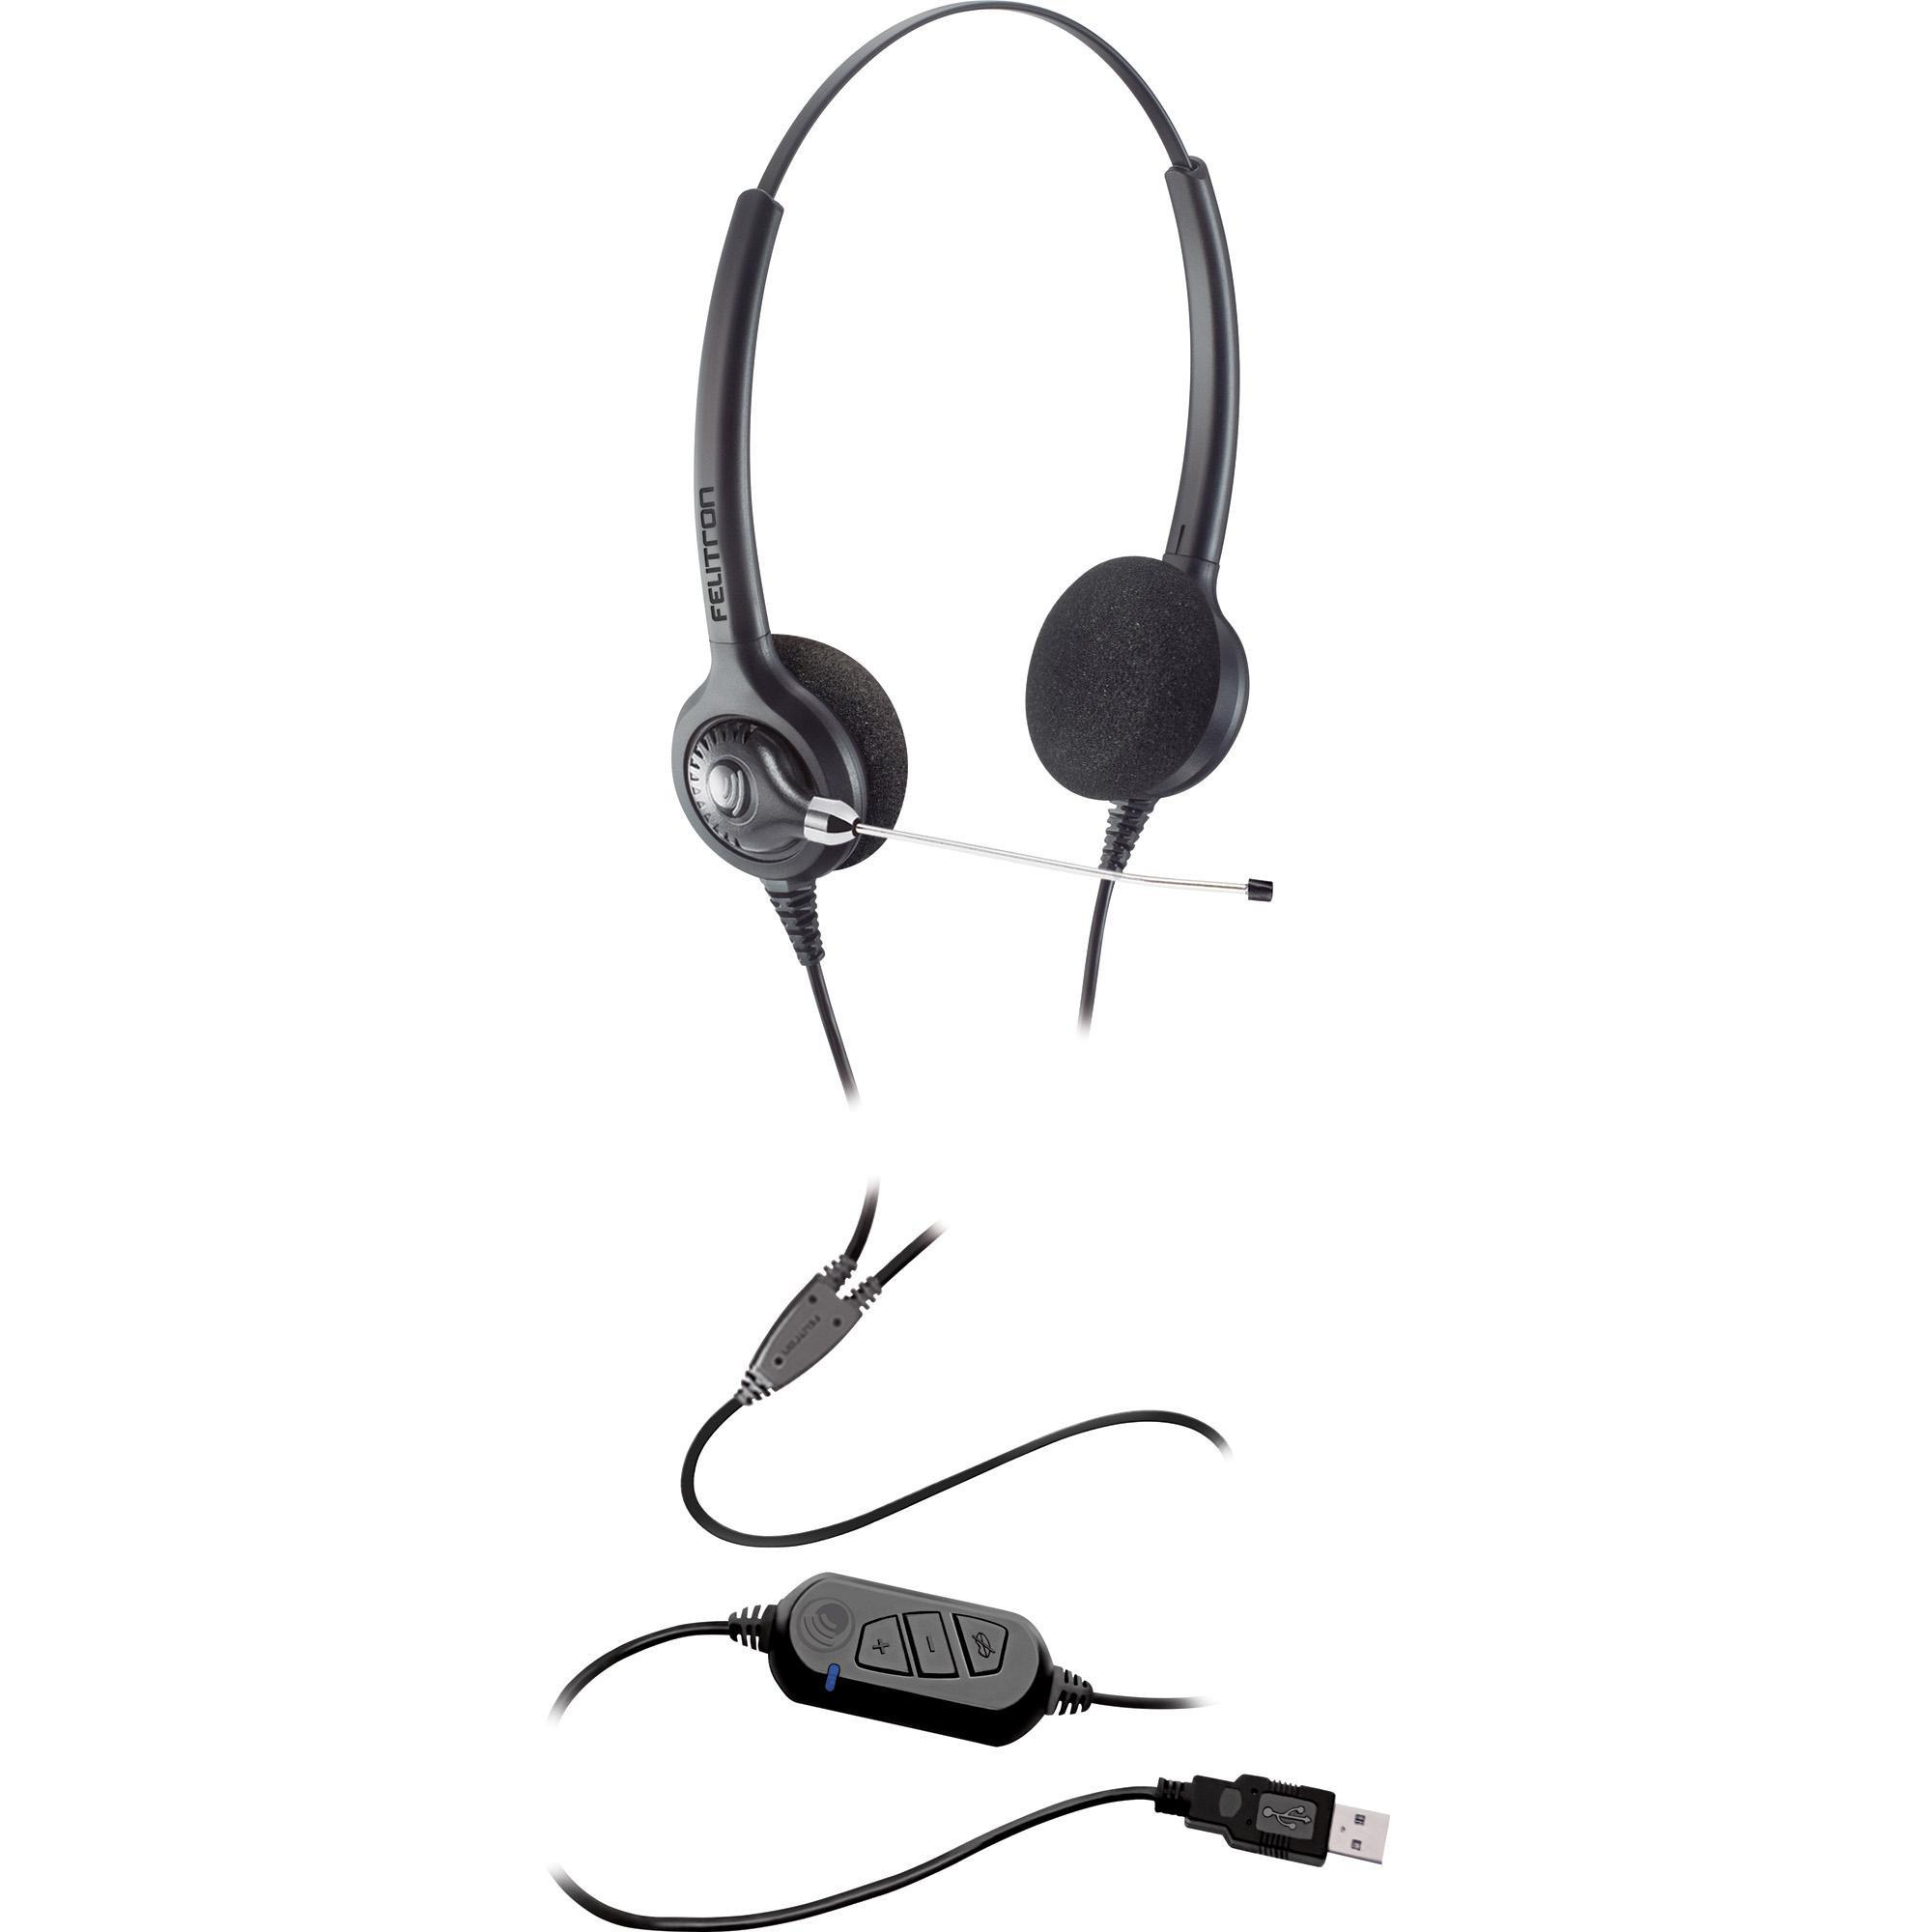 Headset Biauricular Epko Compact FELITRON